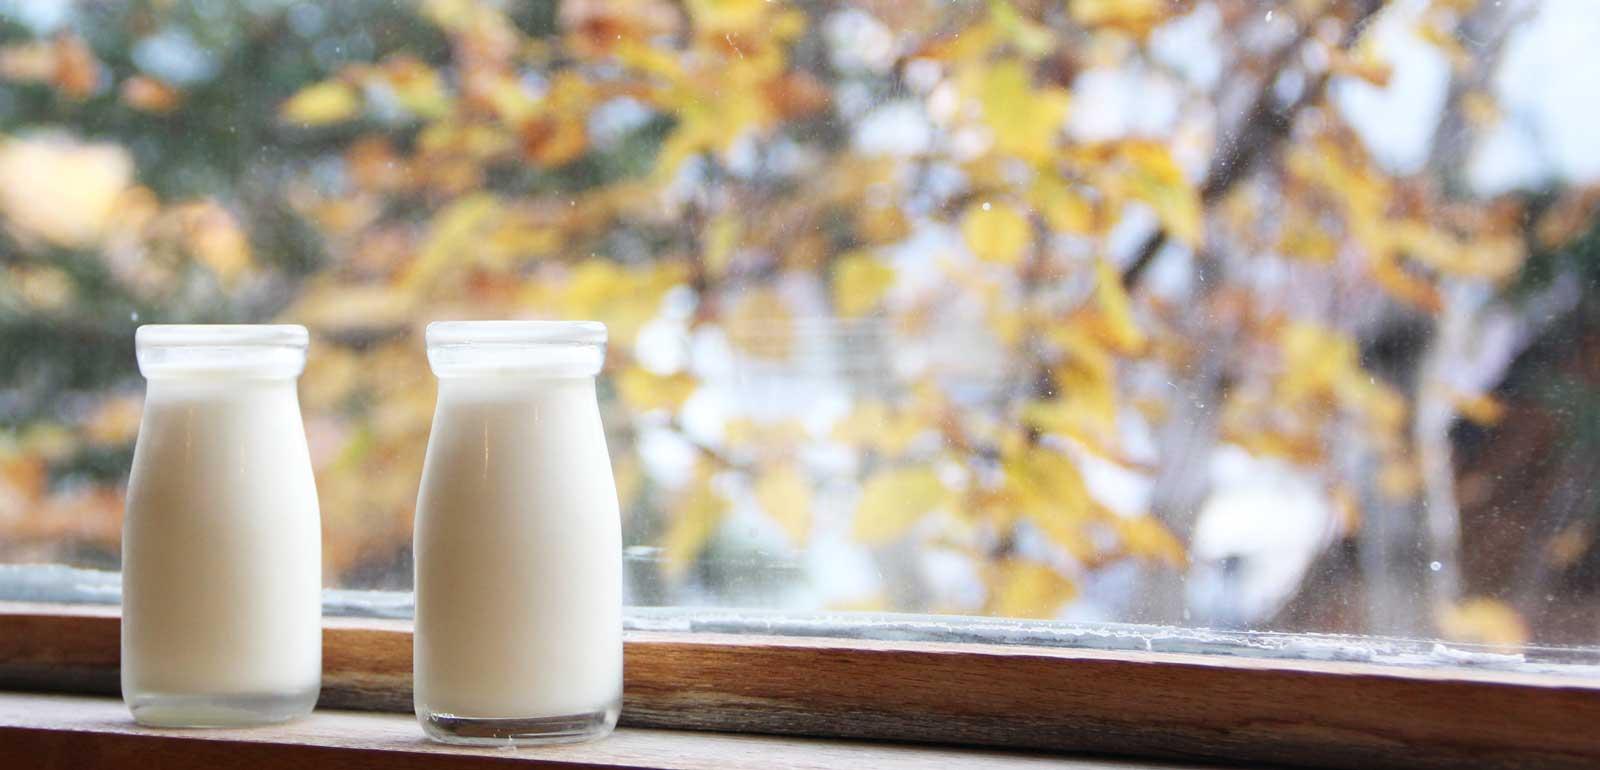 朝の牛乳配達「搾りたての放牧牛乳を求めて」-糠平温泉 中村屋-